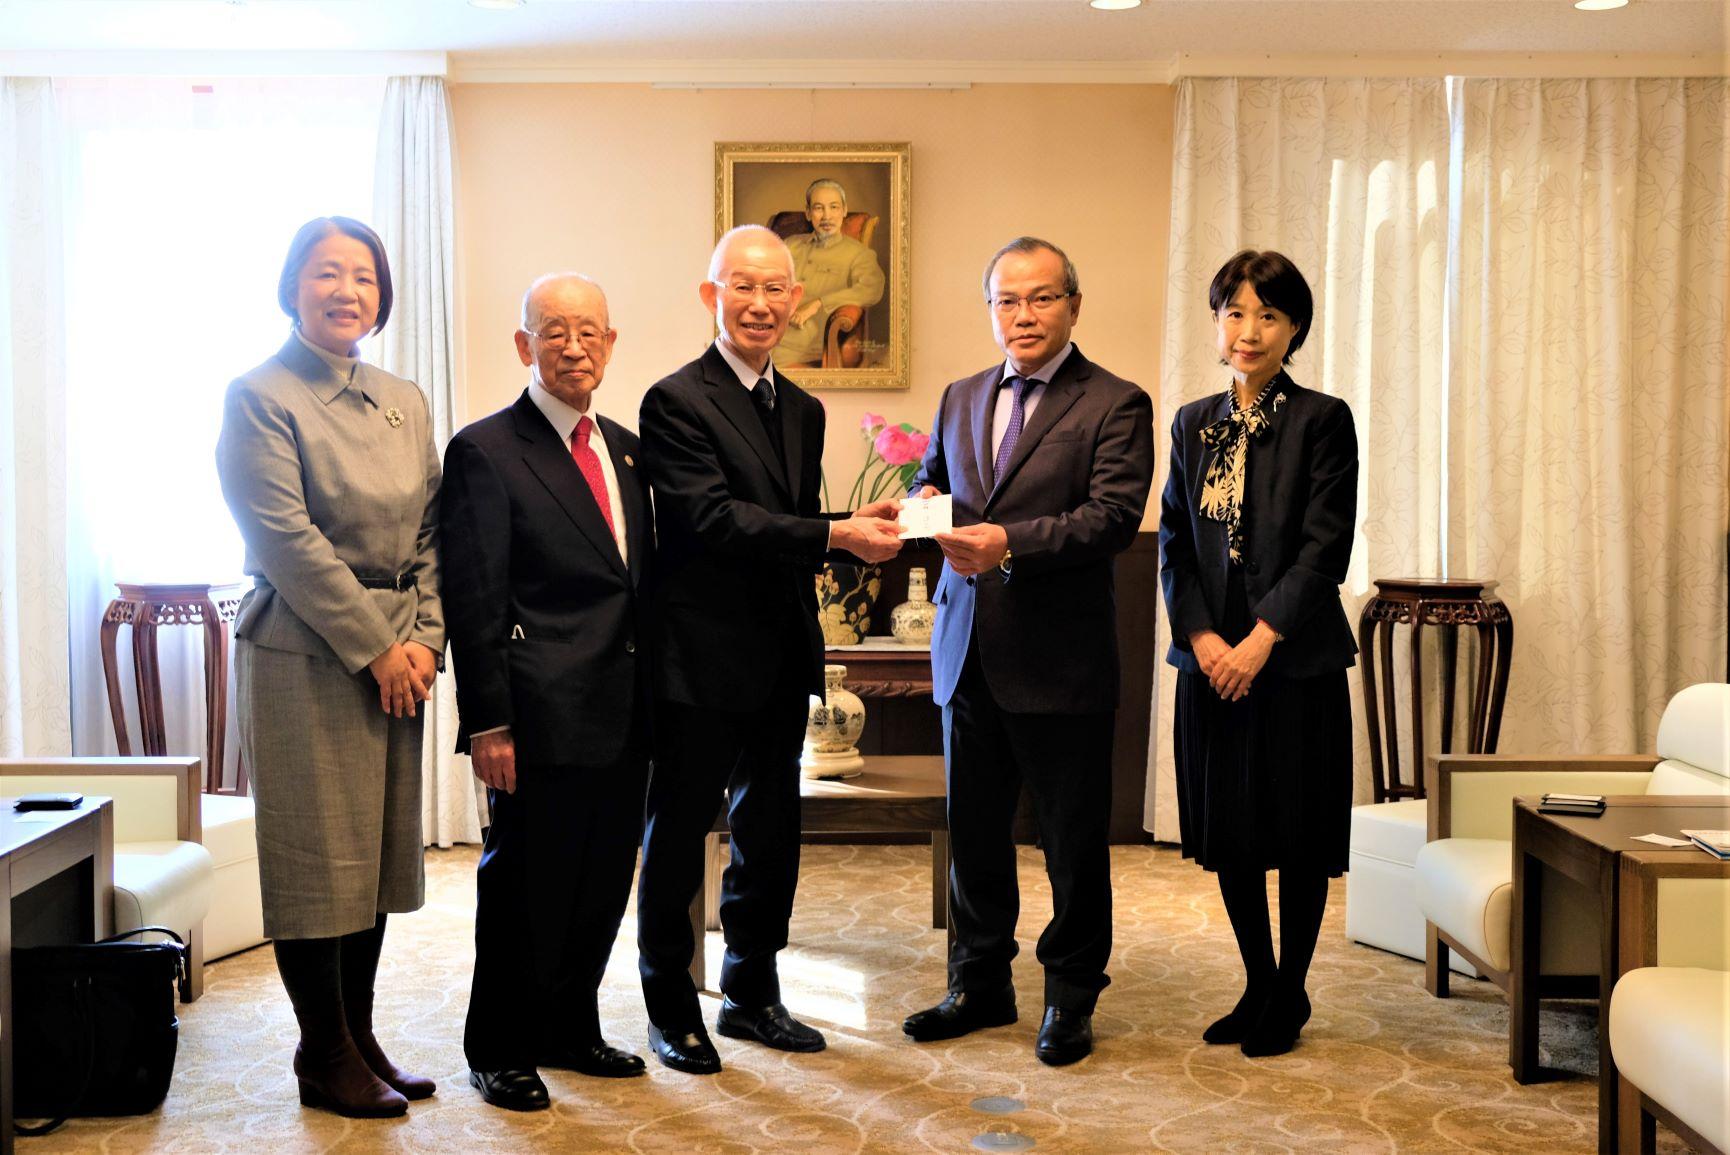 Đại sứ Vũ Hồng Nam tiếp Hội quán Đạo đức tặng phần quà hõ trợ người dân miền Trung chịu ảnh hưởng bão lũ.